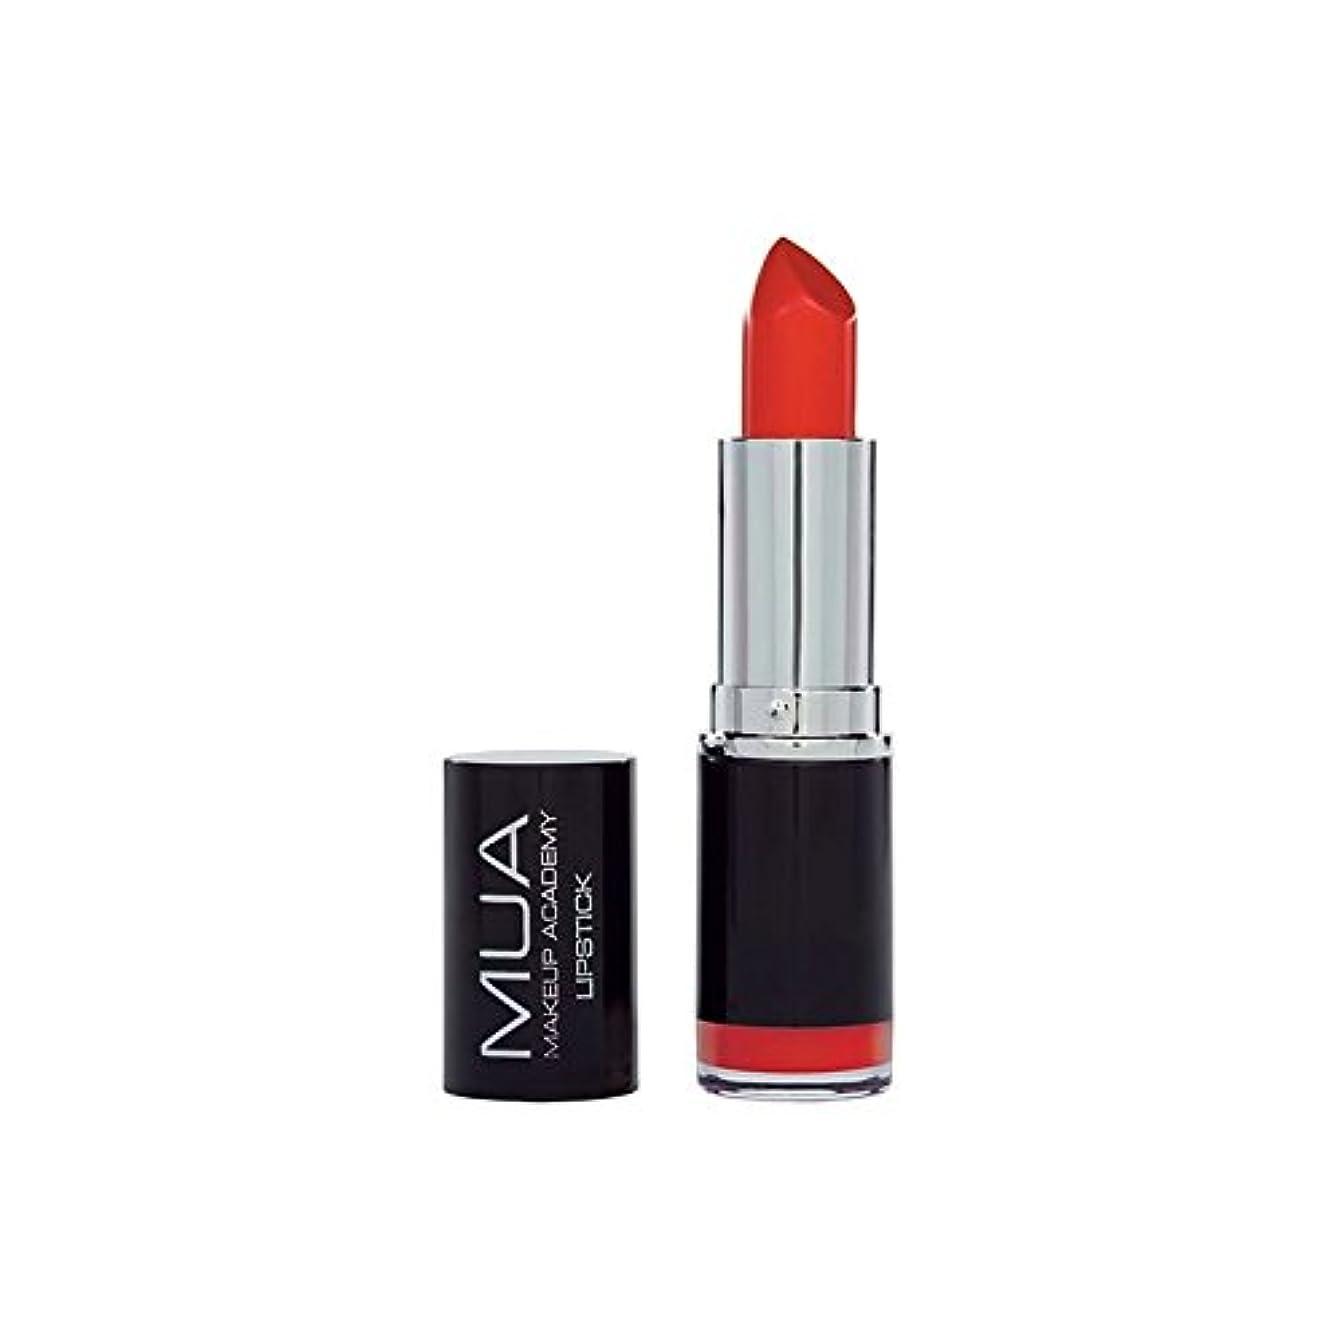 フェロー諸島特性誓約MUA Lipstick - Coral Flush - の口紅 - サンゴフラッシュ [並行輸入品]